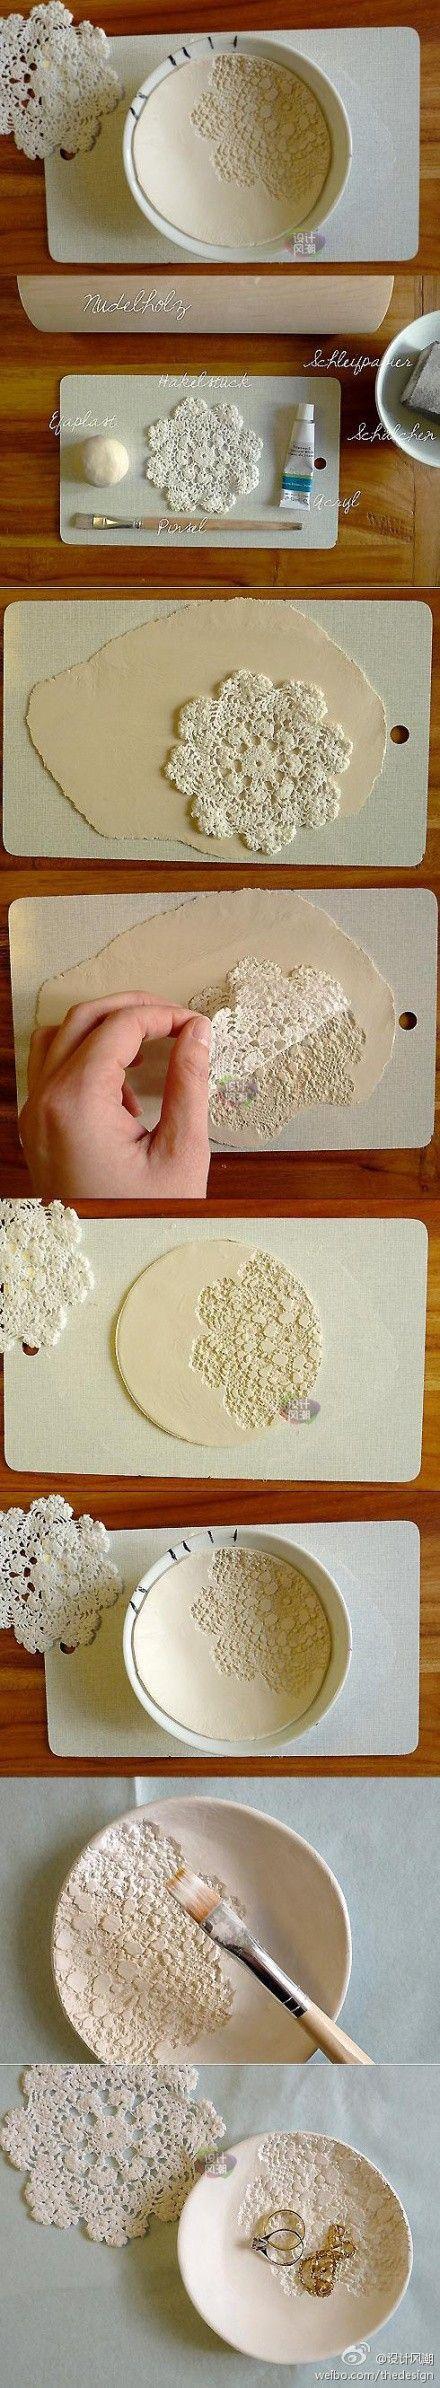 DIY vintage lace bowls tutorial